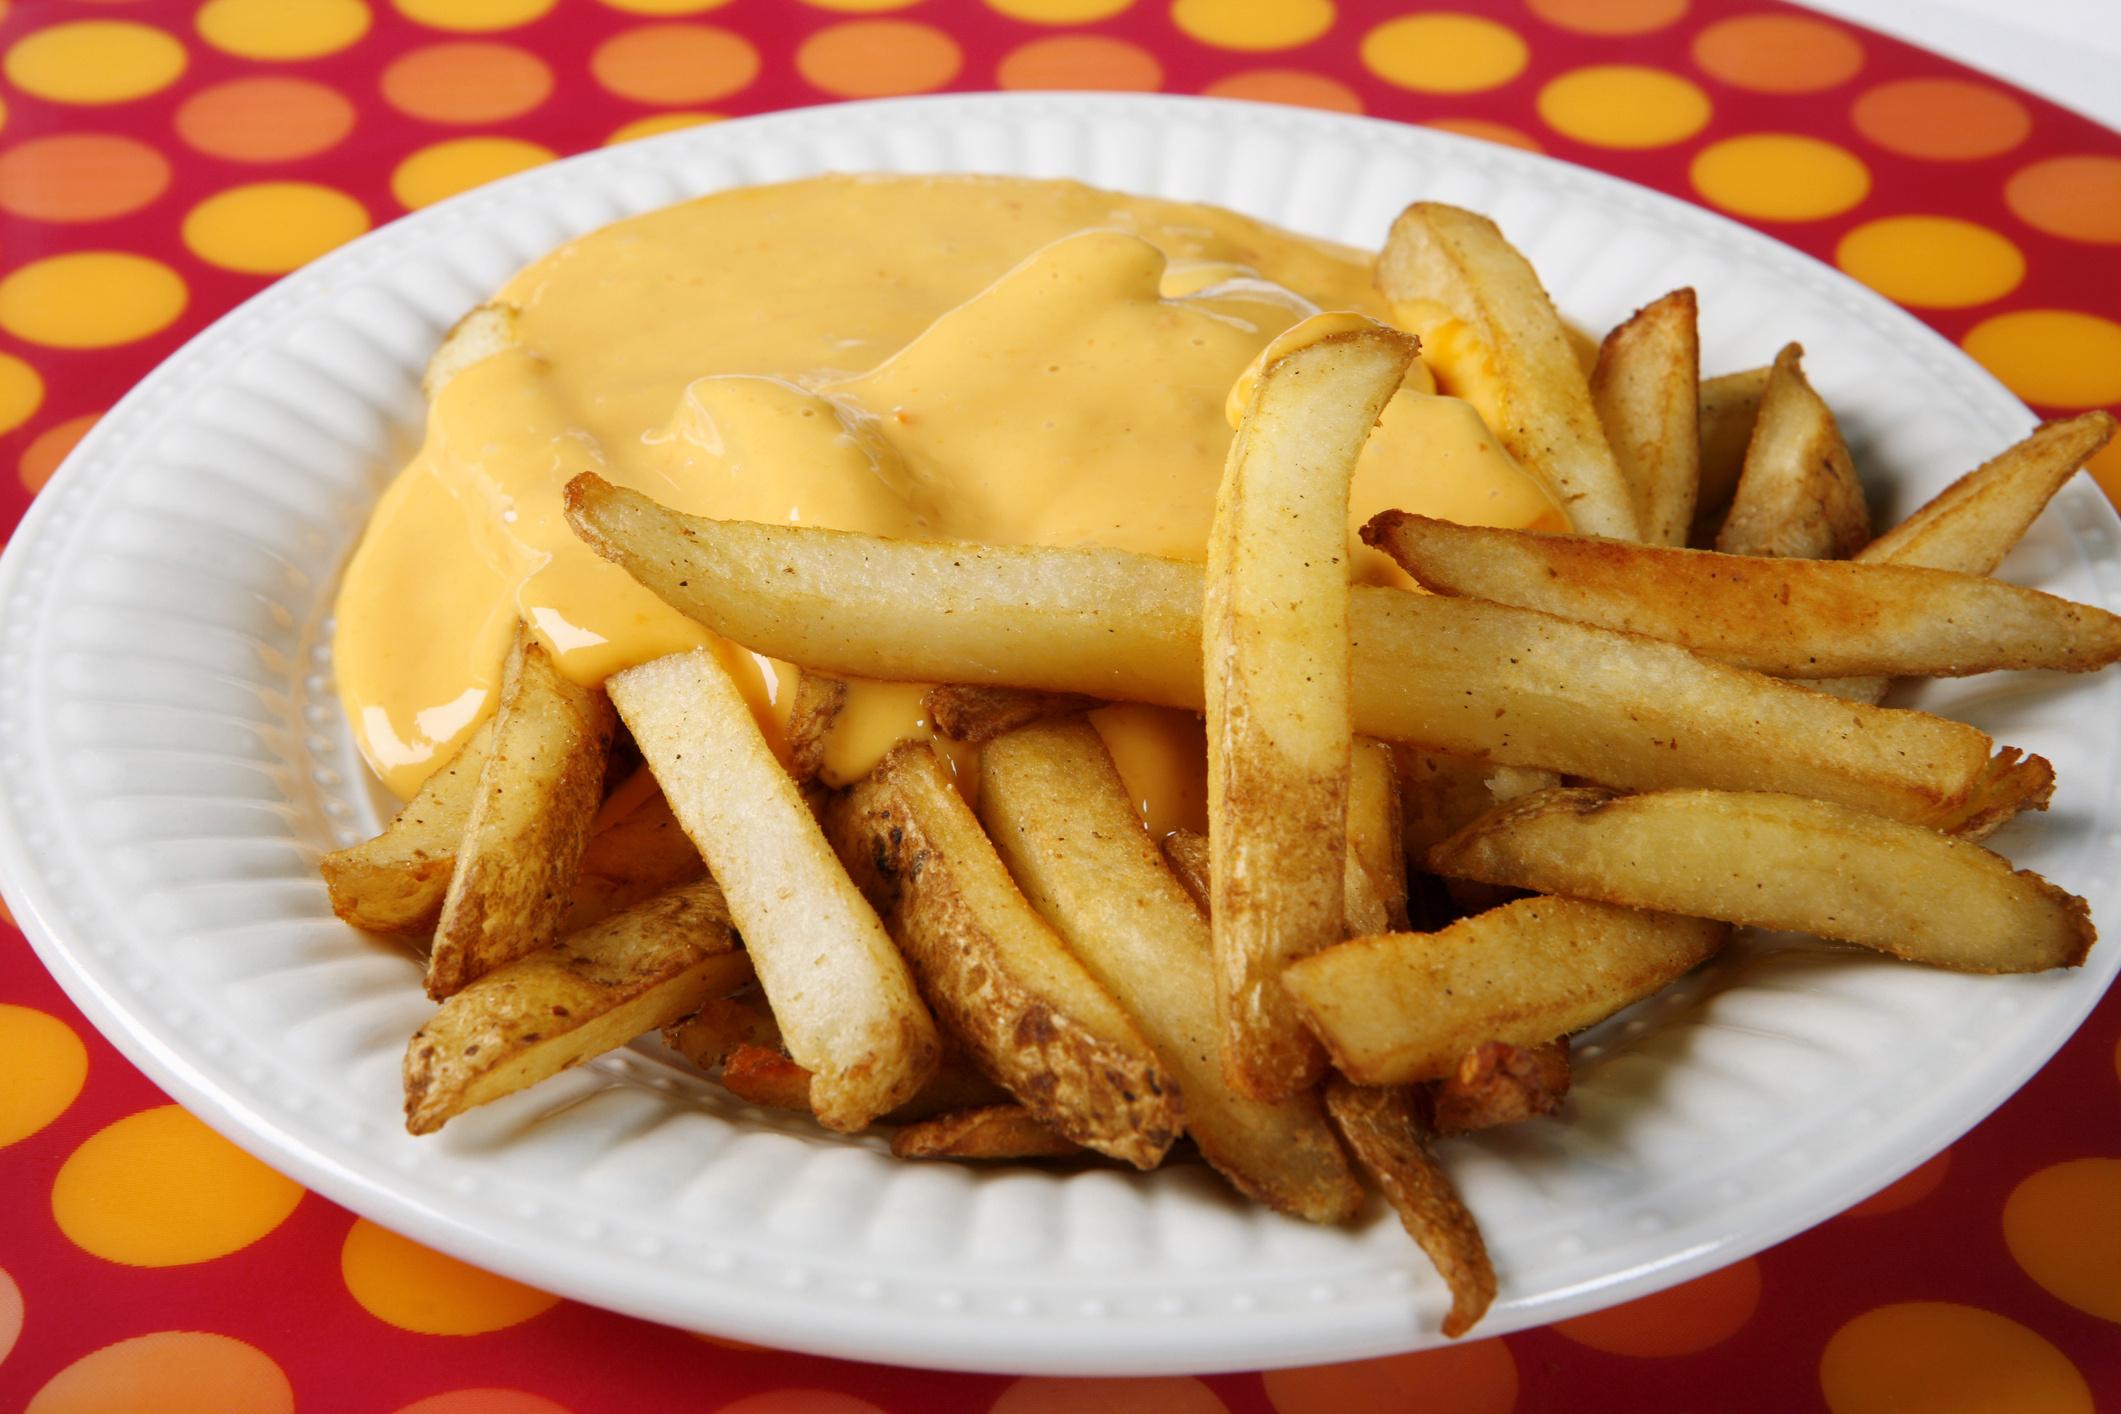 Картофель фри в домашних условиях - пошаговый рецепт с